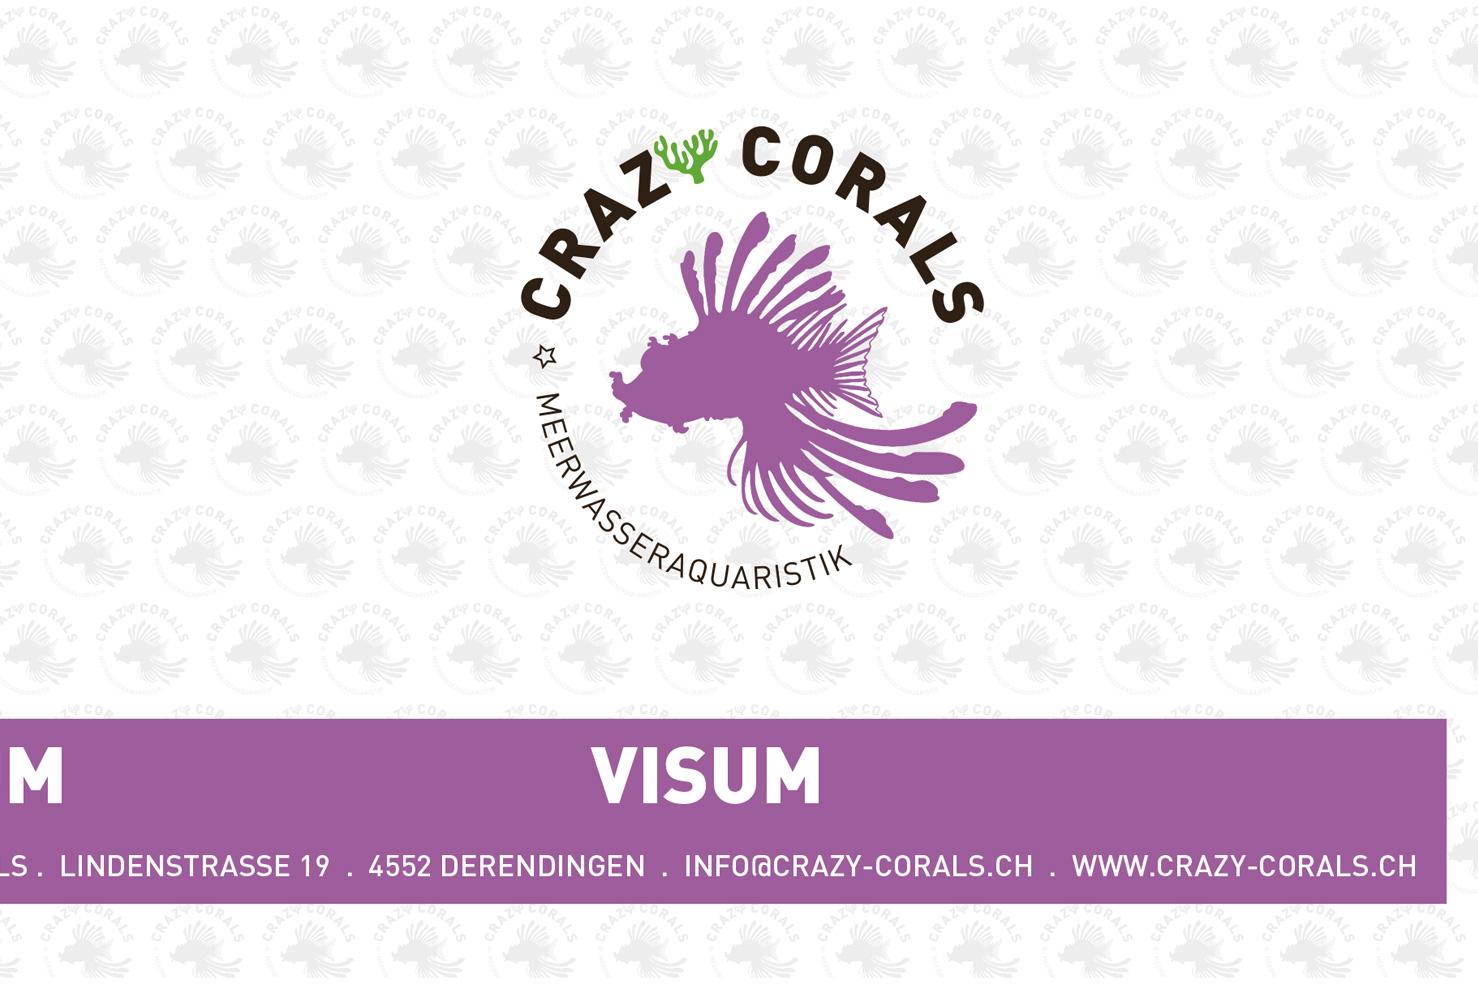 Bild 3 vom Crazy Corals Grafikdesign